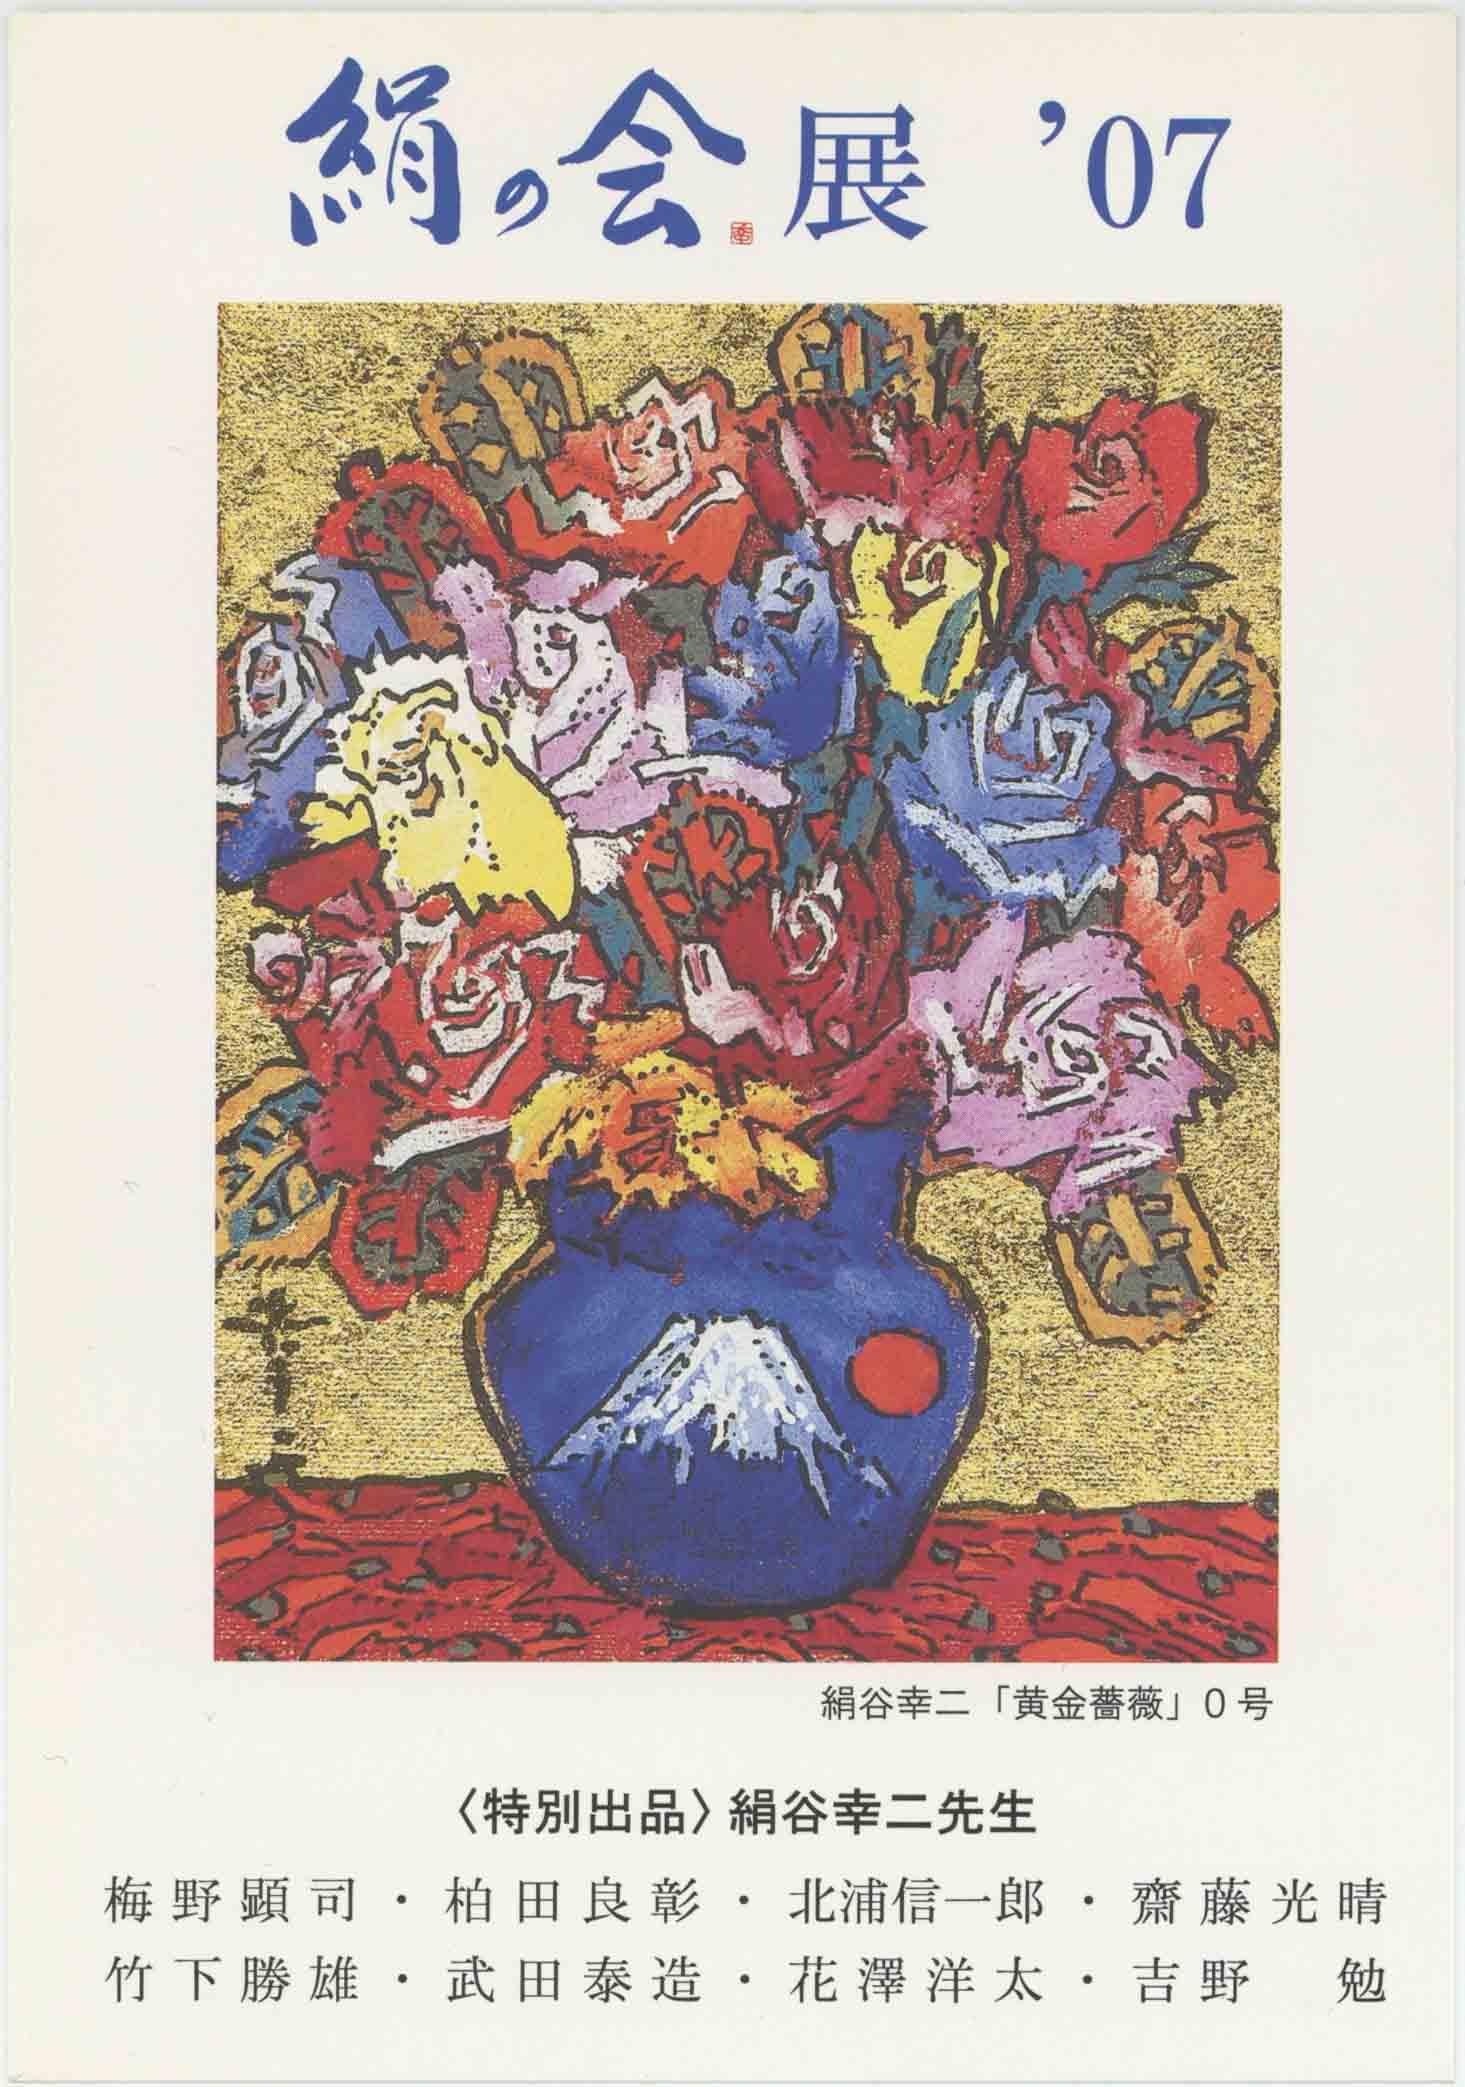 絹の会展 '07